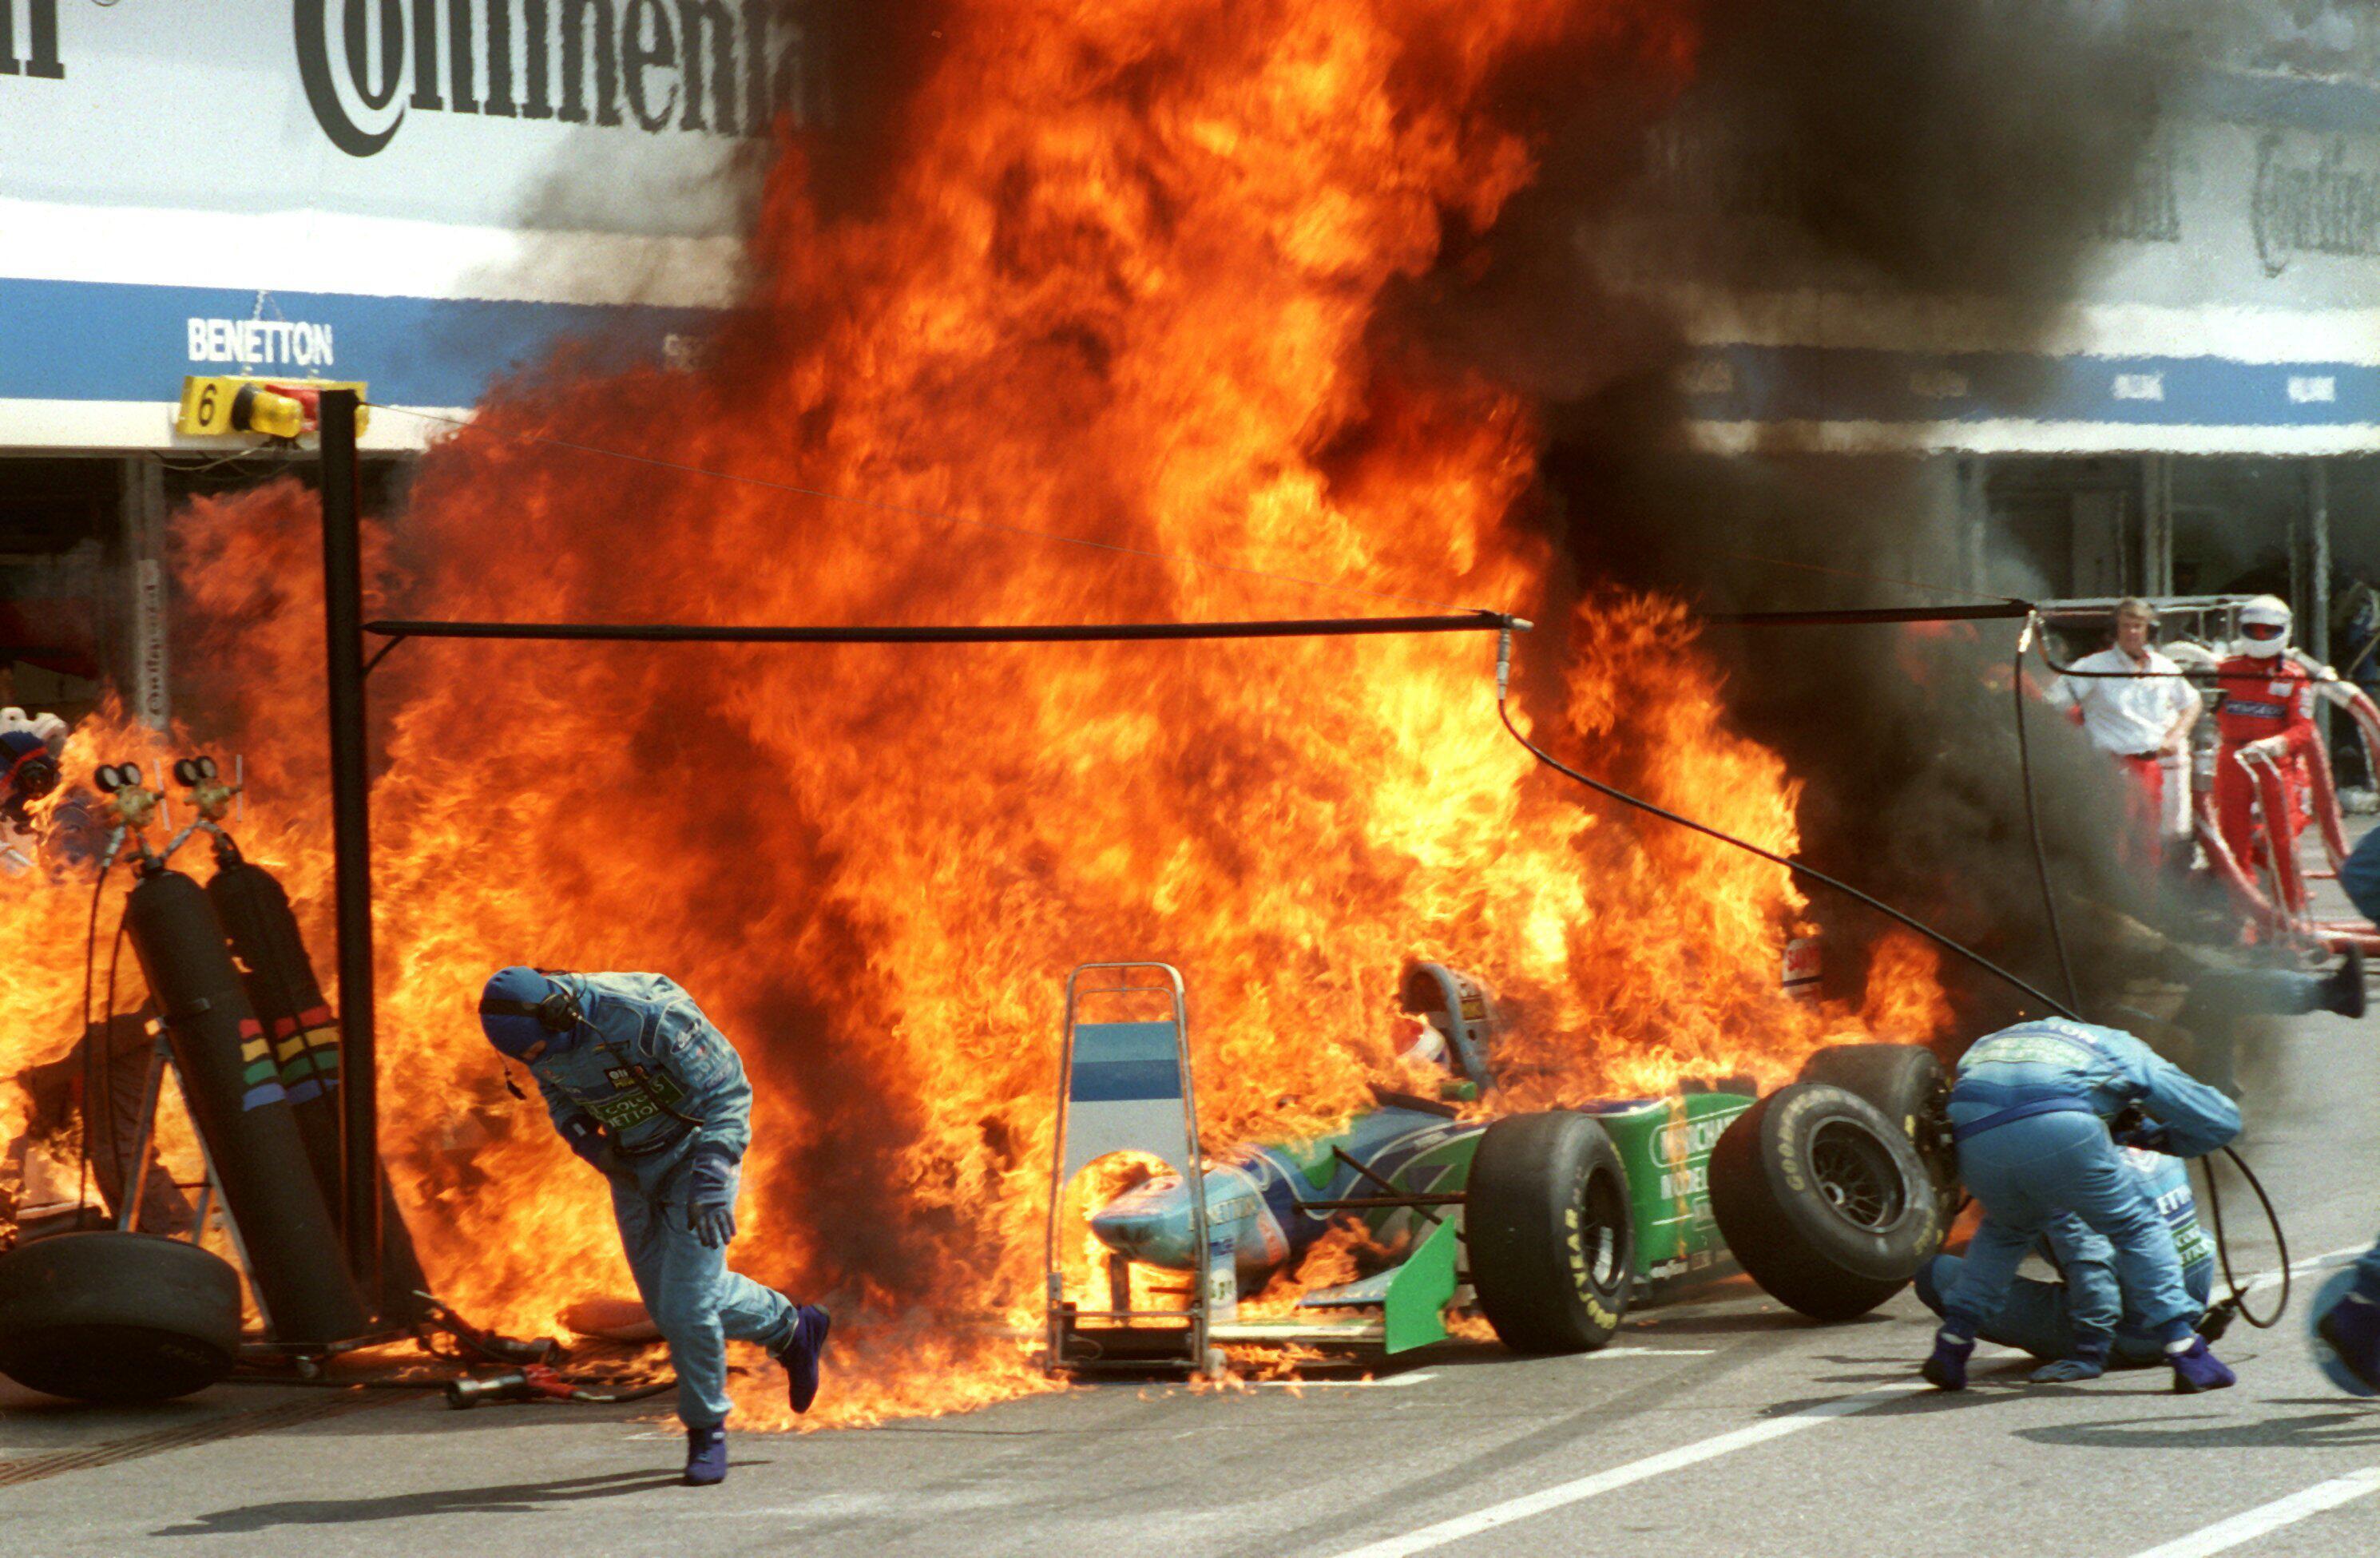 Bild zu Jos Verstappen, Benetton-Ford, Hockenheimring, 1994, Formel 1, Flammen, Großer Preis von Deutschland